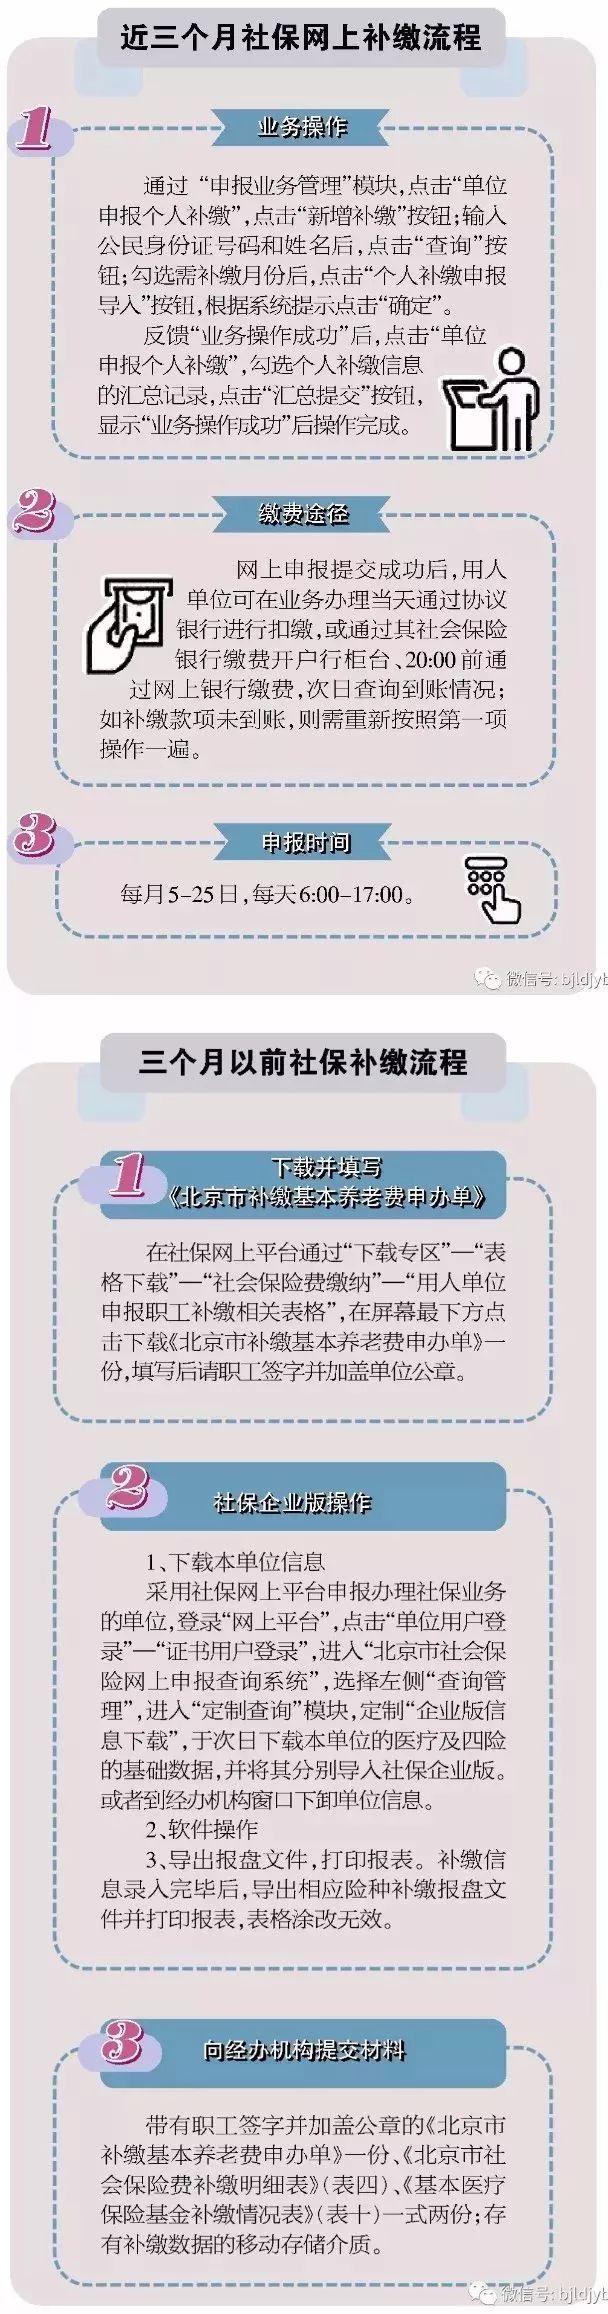 北京户口,社保和公积金断交一个月有什么影响吗?   知乎